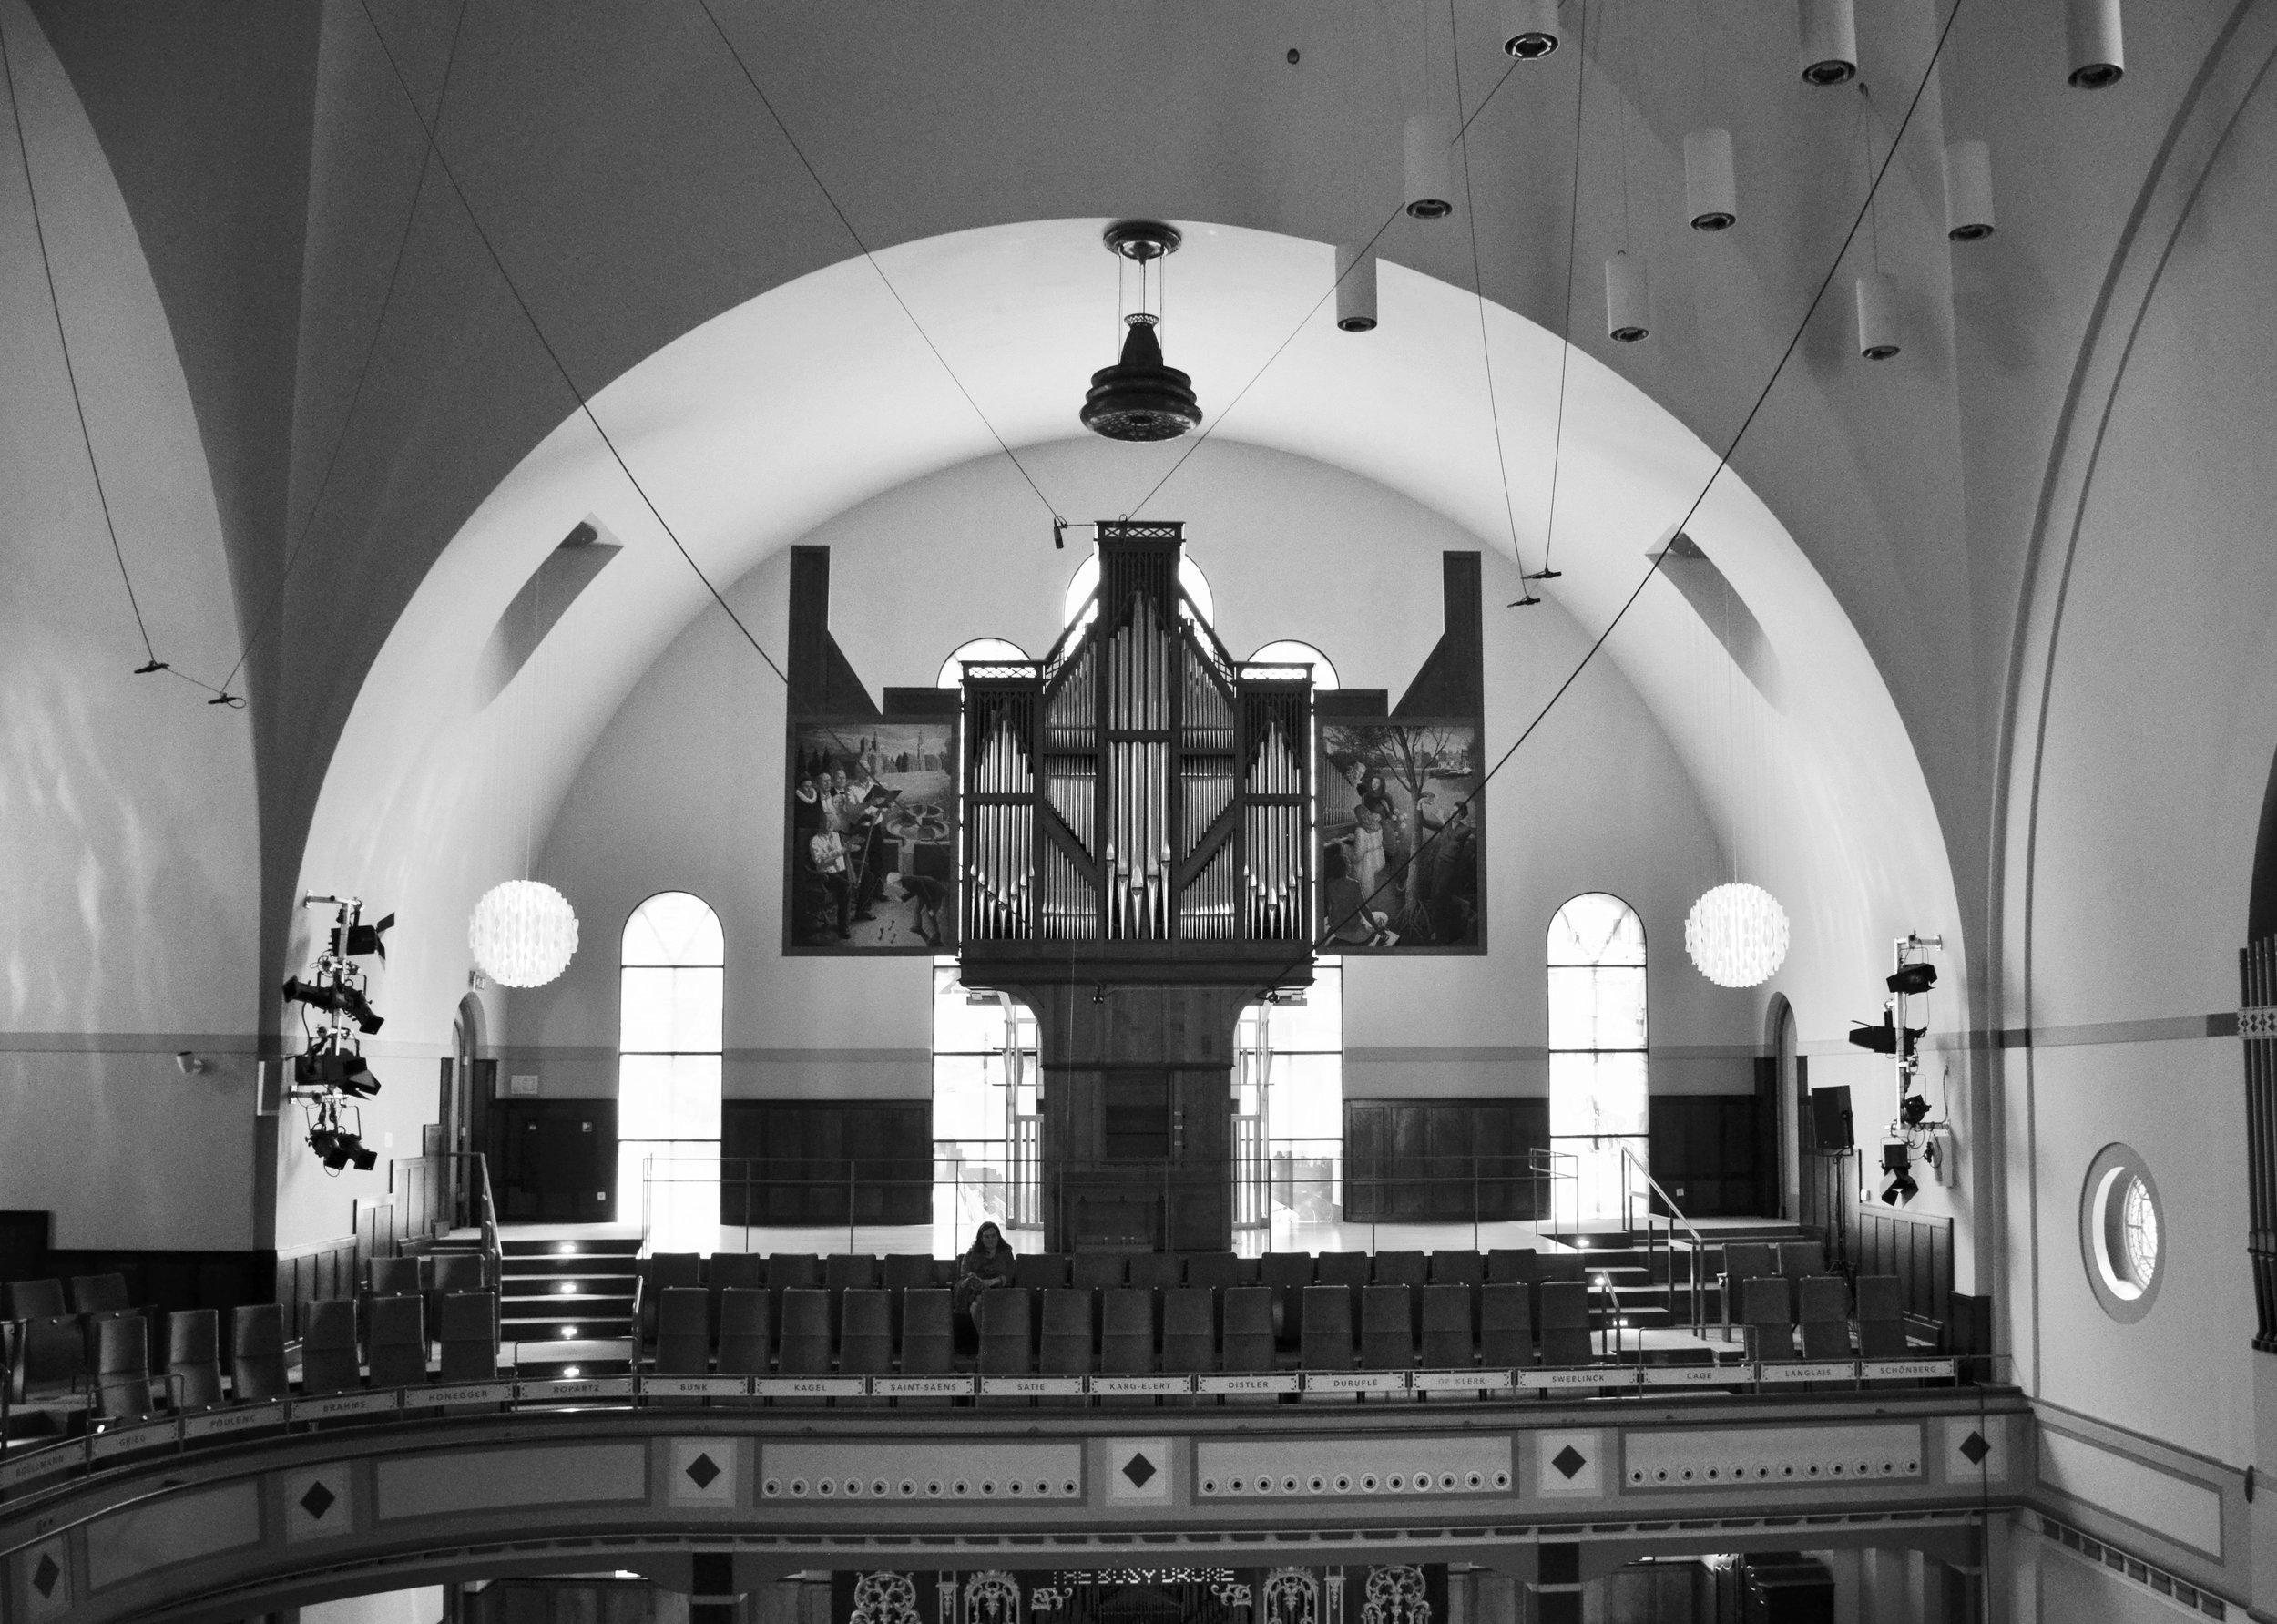 The Van Staten blockwerk organ in Orgelpark, Amsterdam.